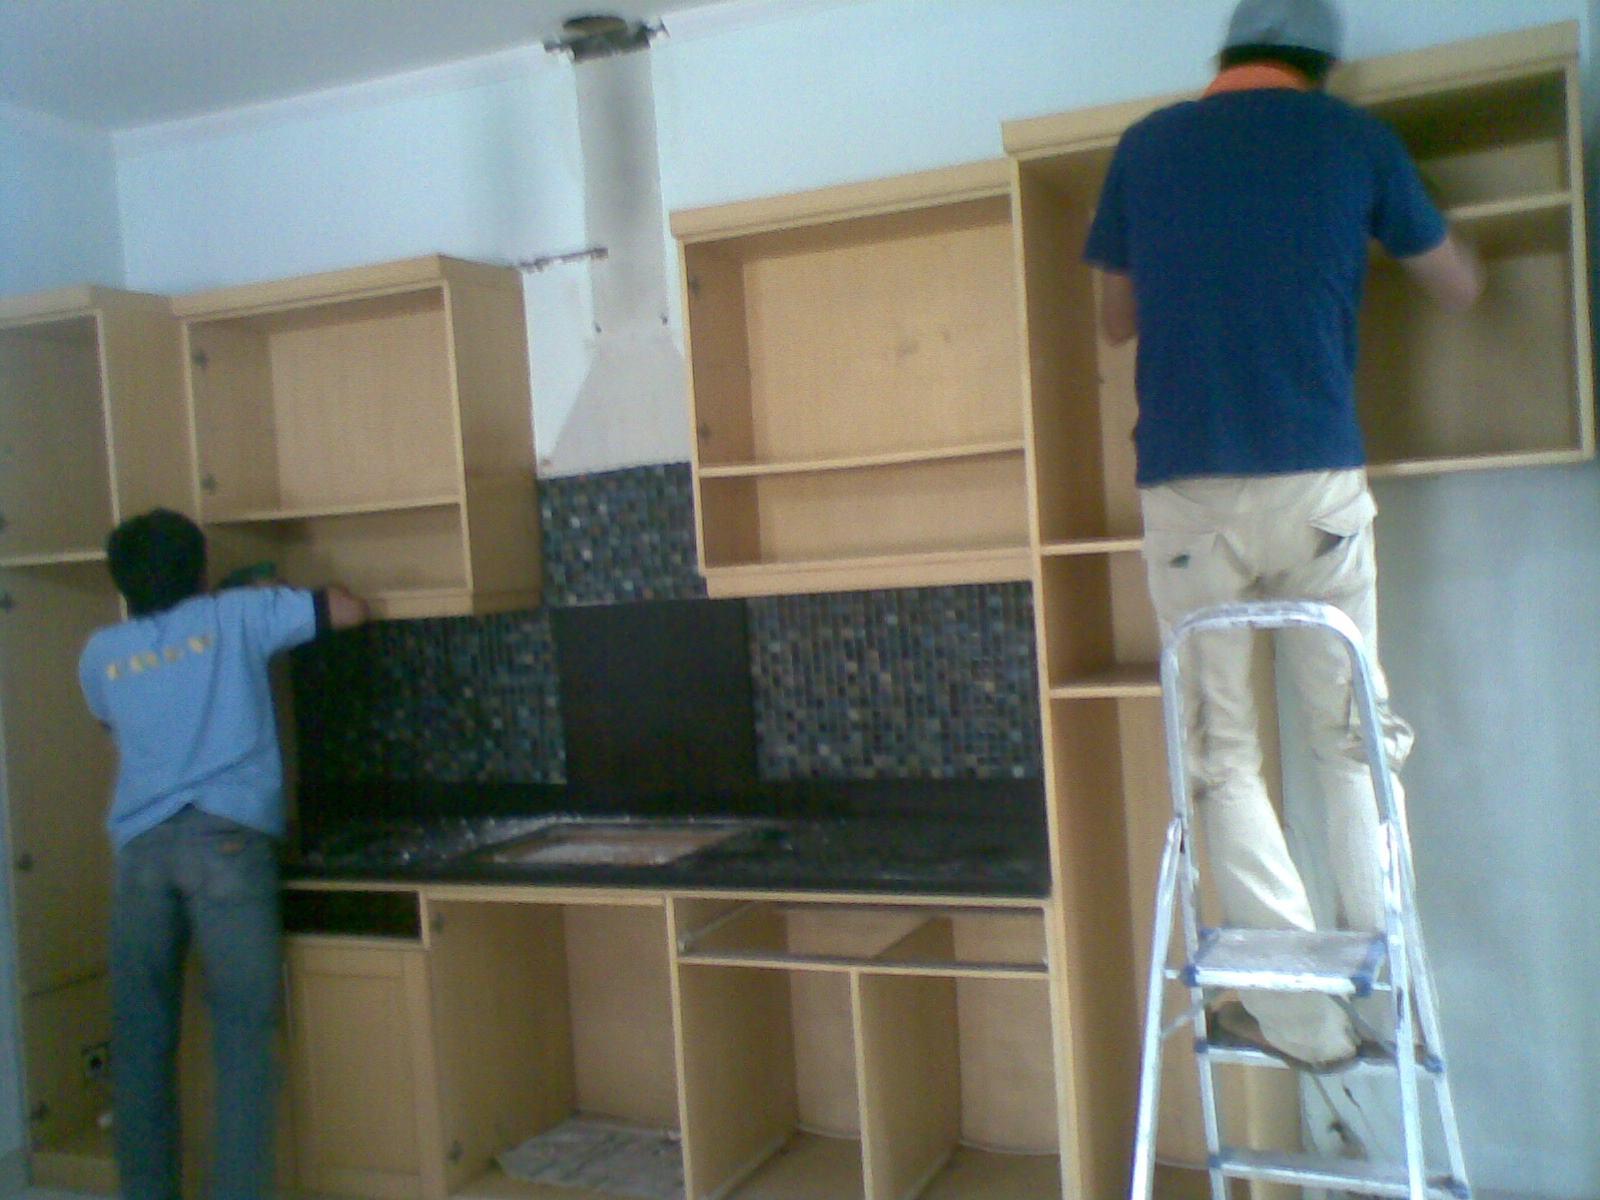 Bongkar pasang kitchen set perusahaan jasa pindahan for Harga pasang kitchen set